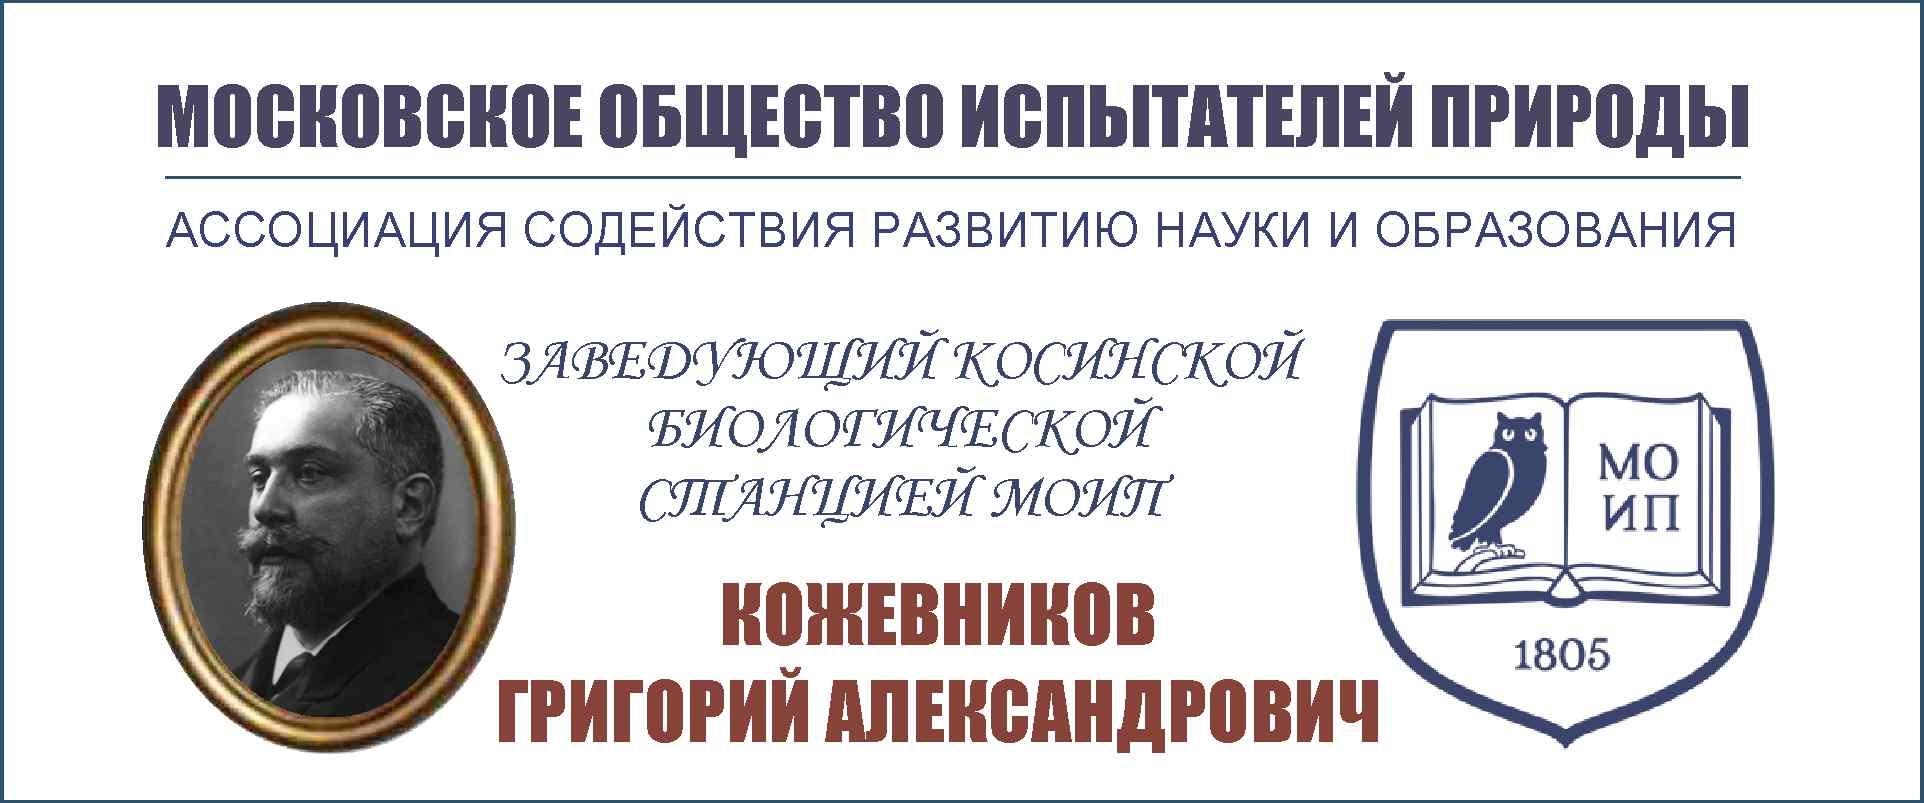 Г.А.КОЖЕВНИКОВ И БИОЛОГИЧЕСКАЯ СТАНЦИЯ В КОСИНЕ